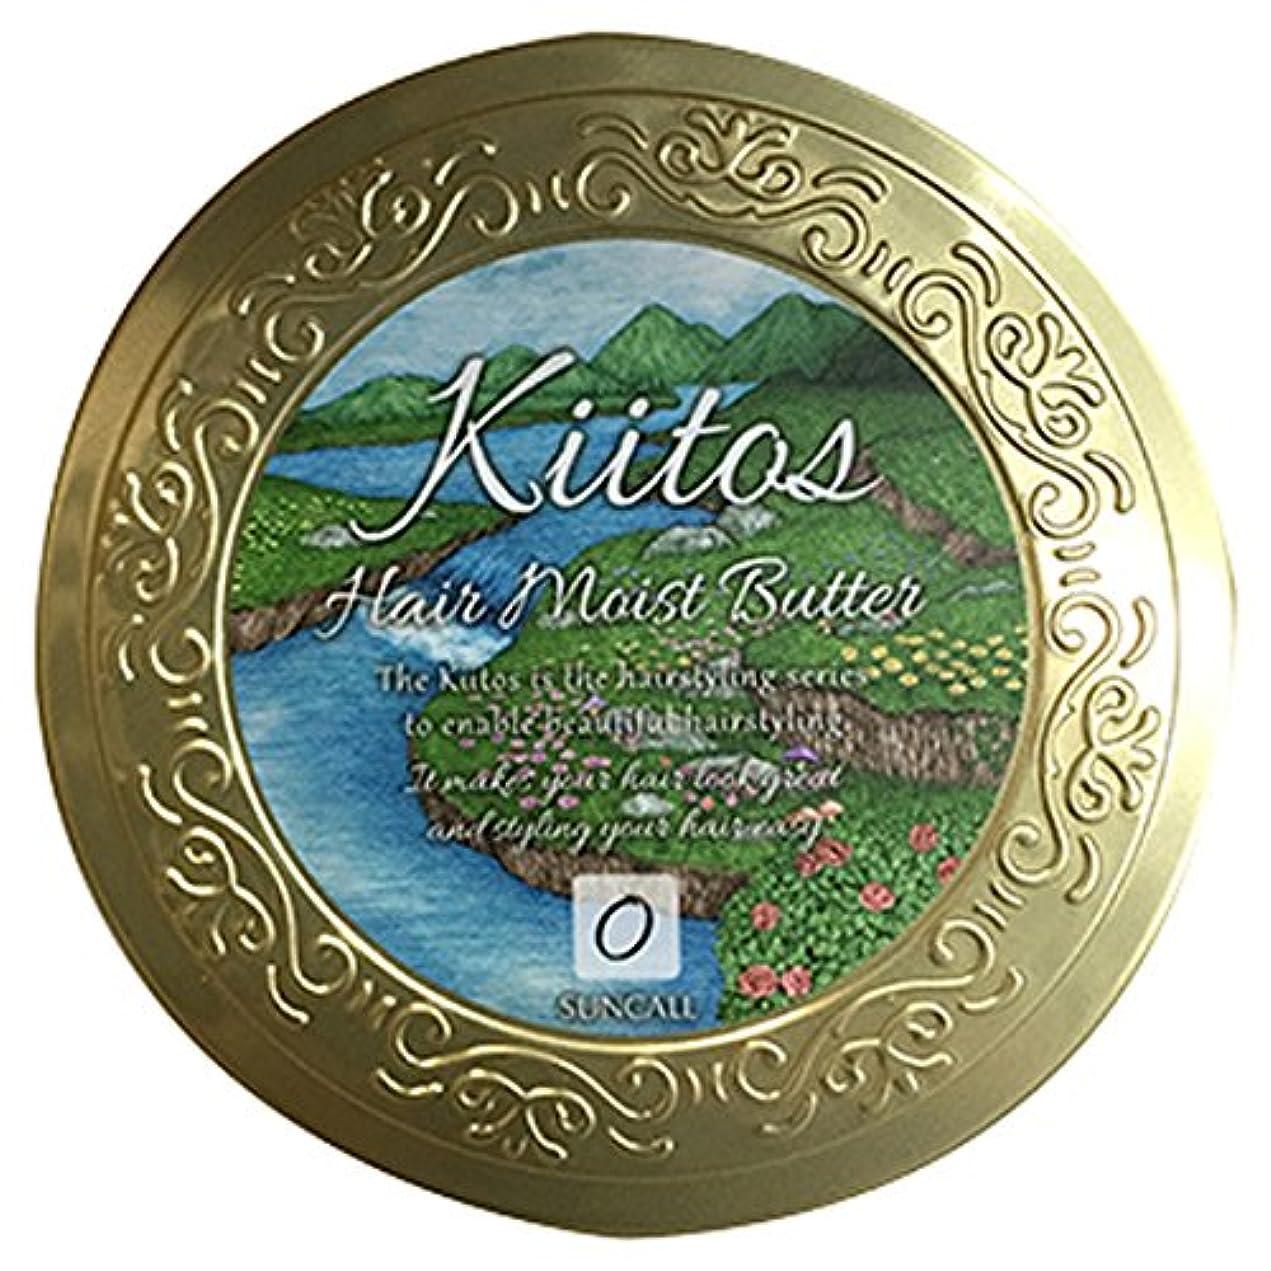 近似アルカトラズ島項目SUNCALL (サンコール) キートス ヘアモイストバター 85g